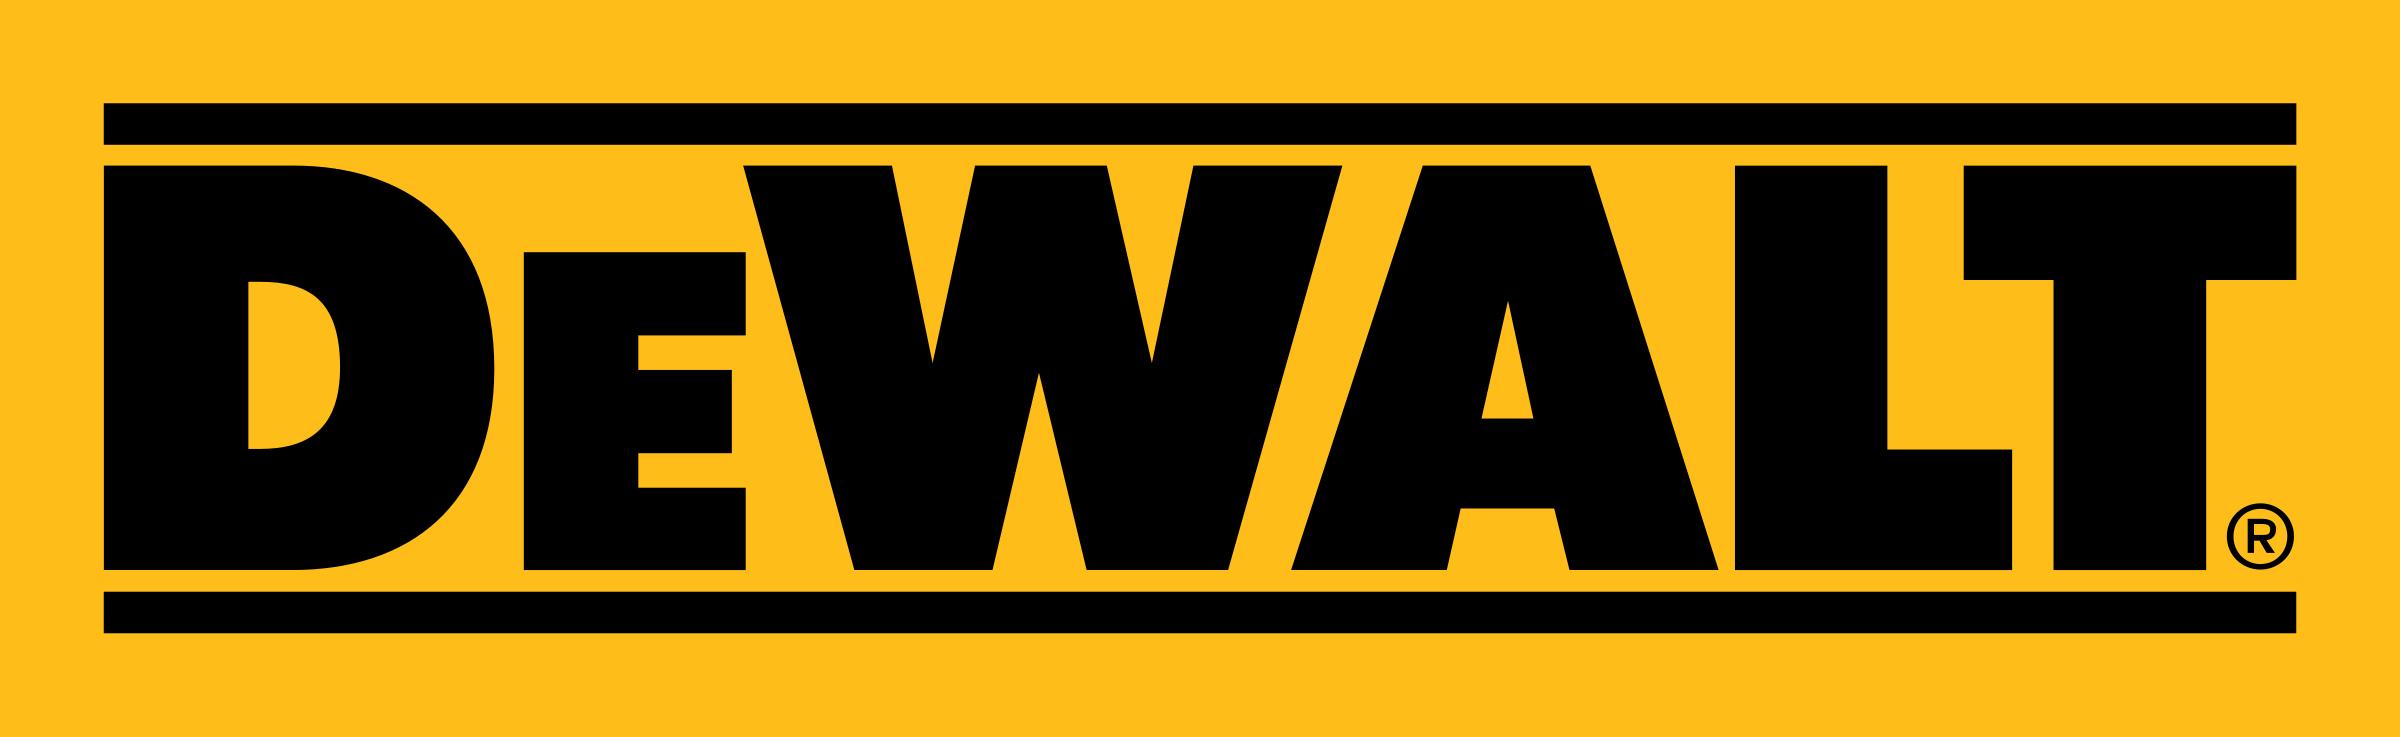 Https Freebiesupply Com Logos Dewalt Logo Dewalt Power Tools Dewalt Tool Logo